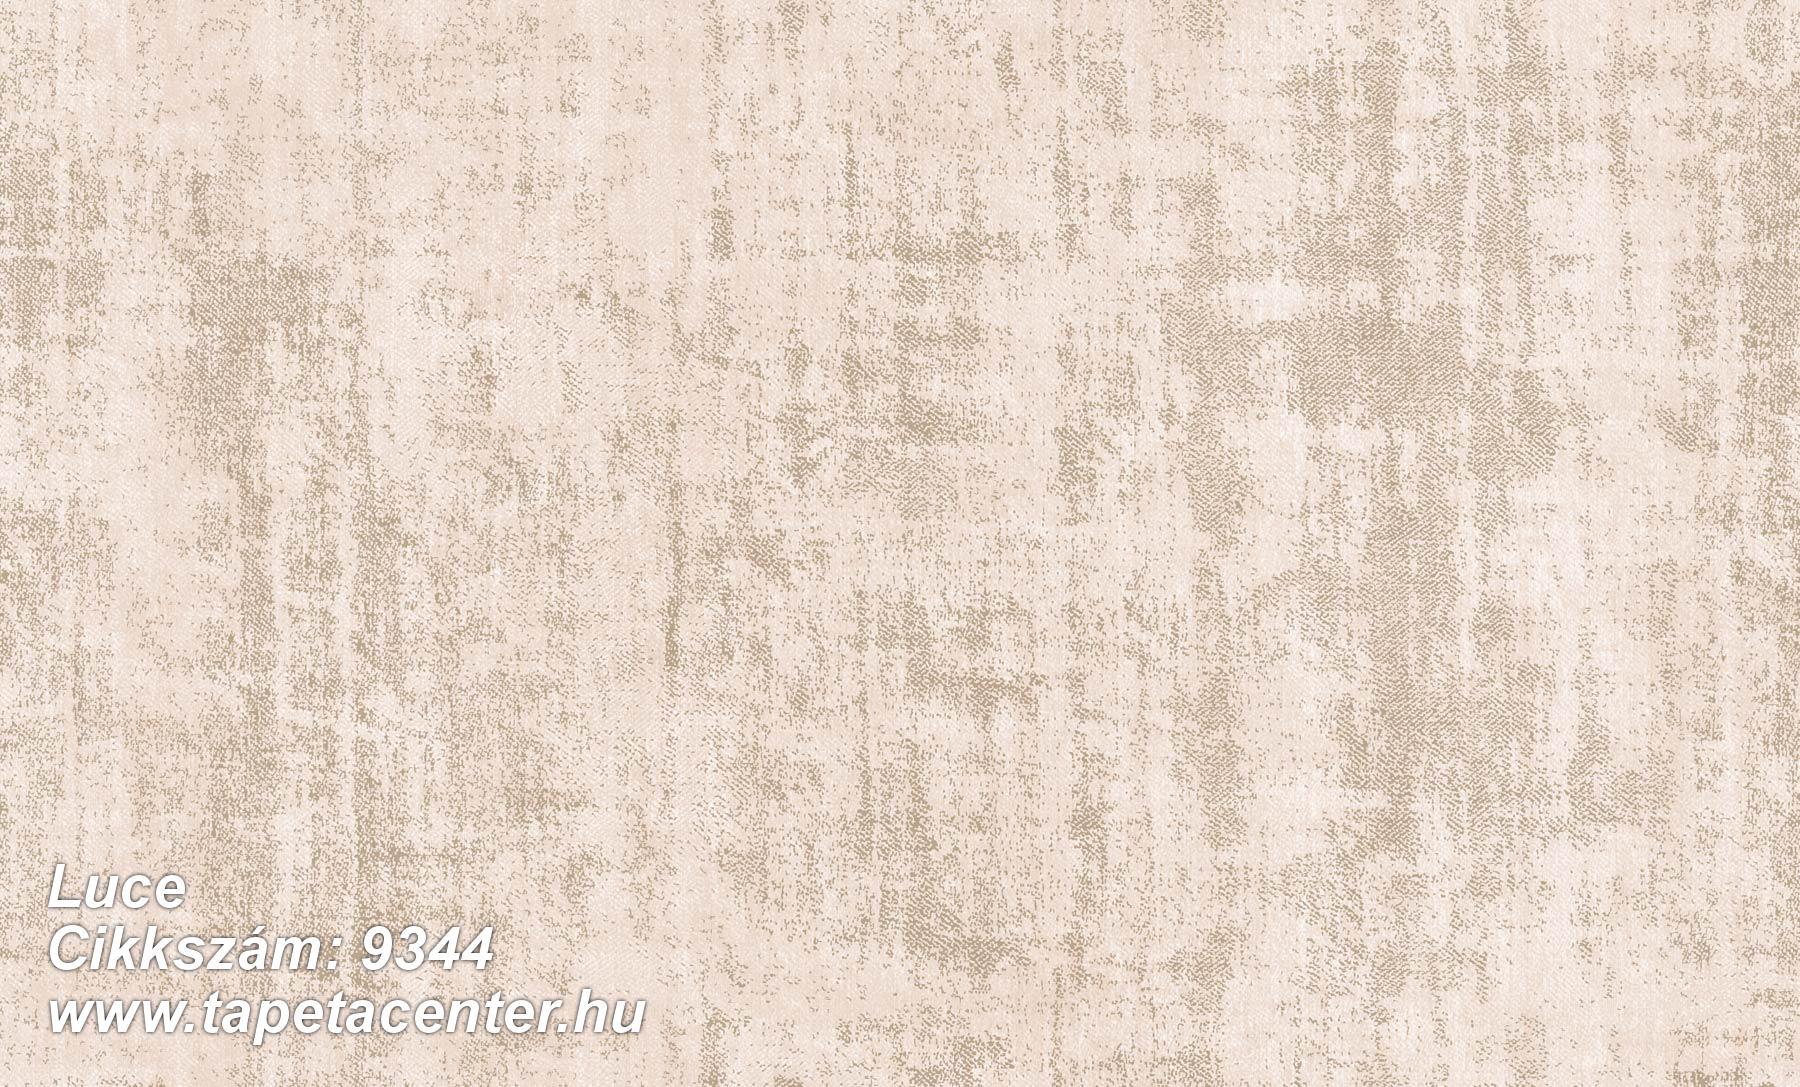 Luce - 9344 Olasz tapéta